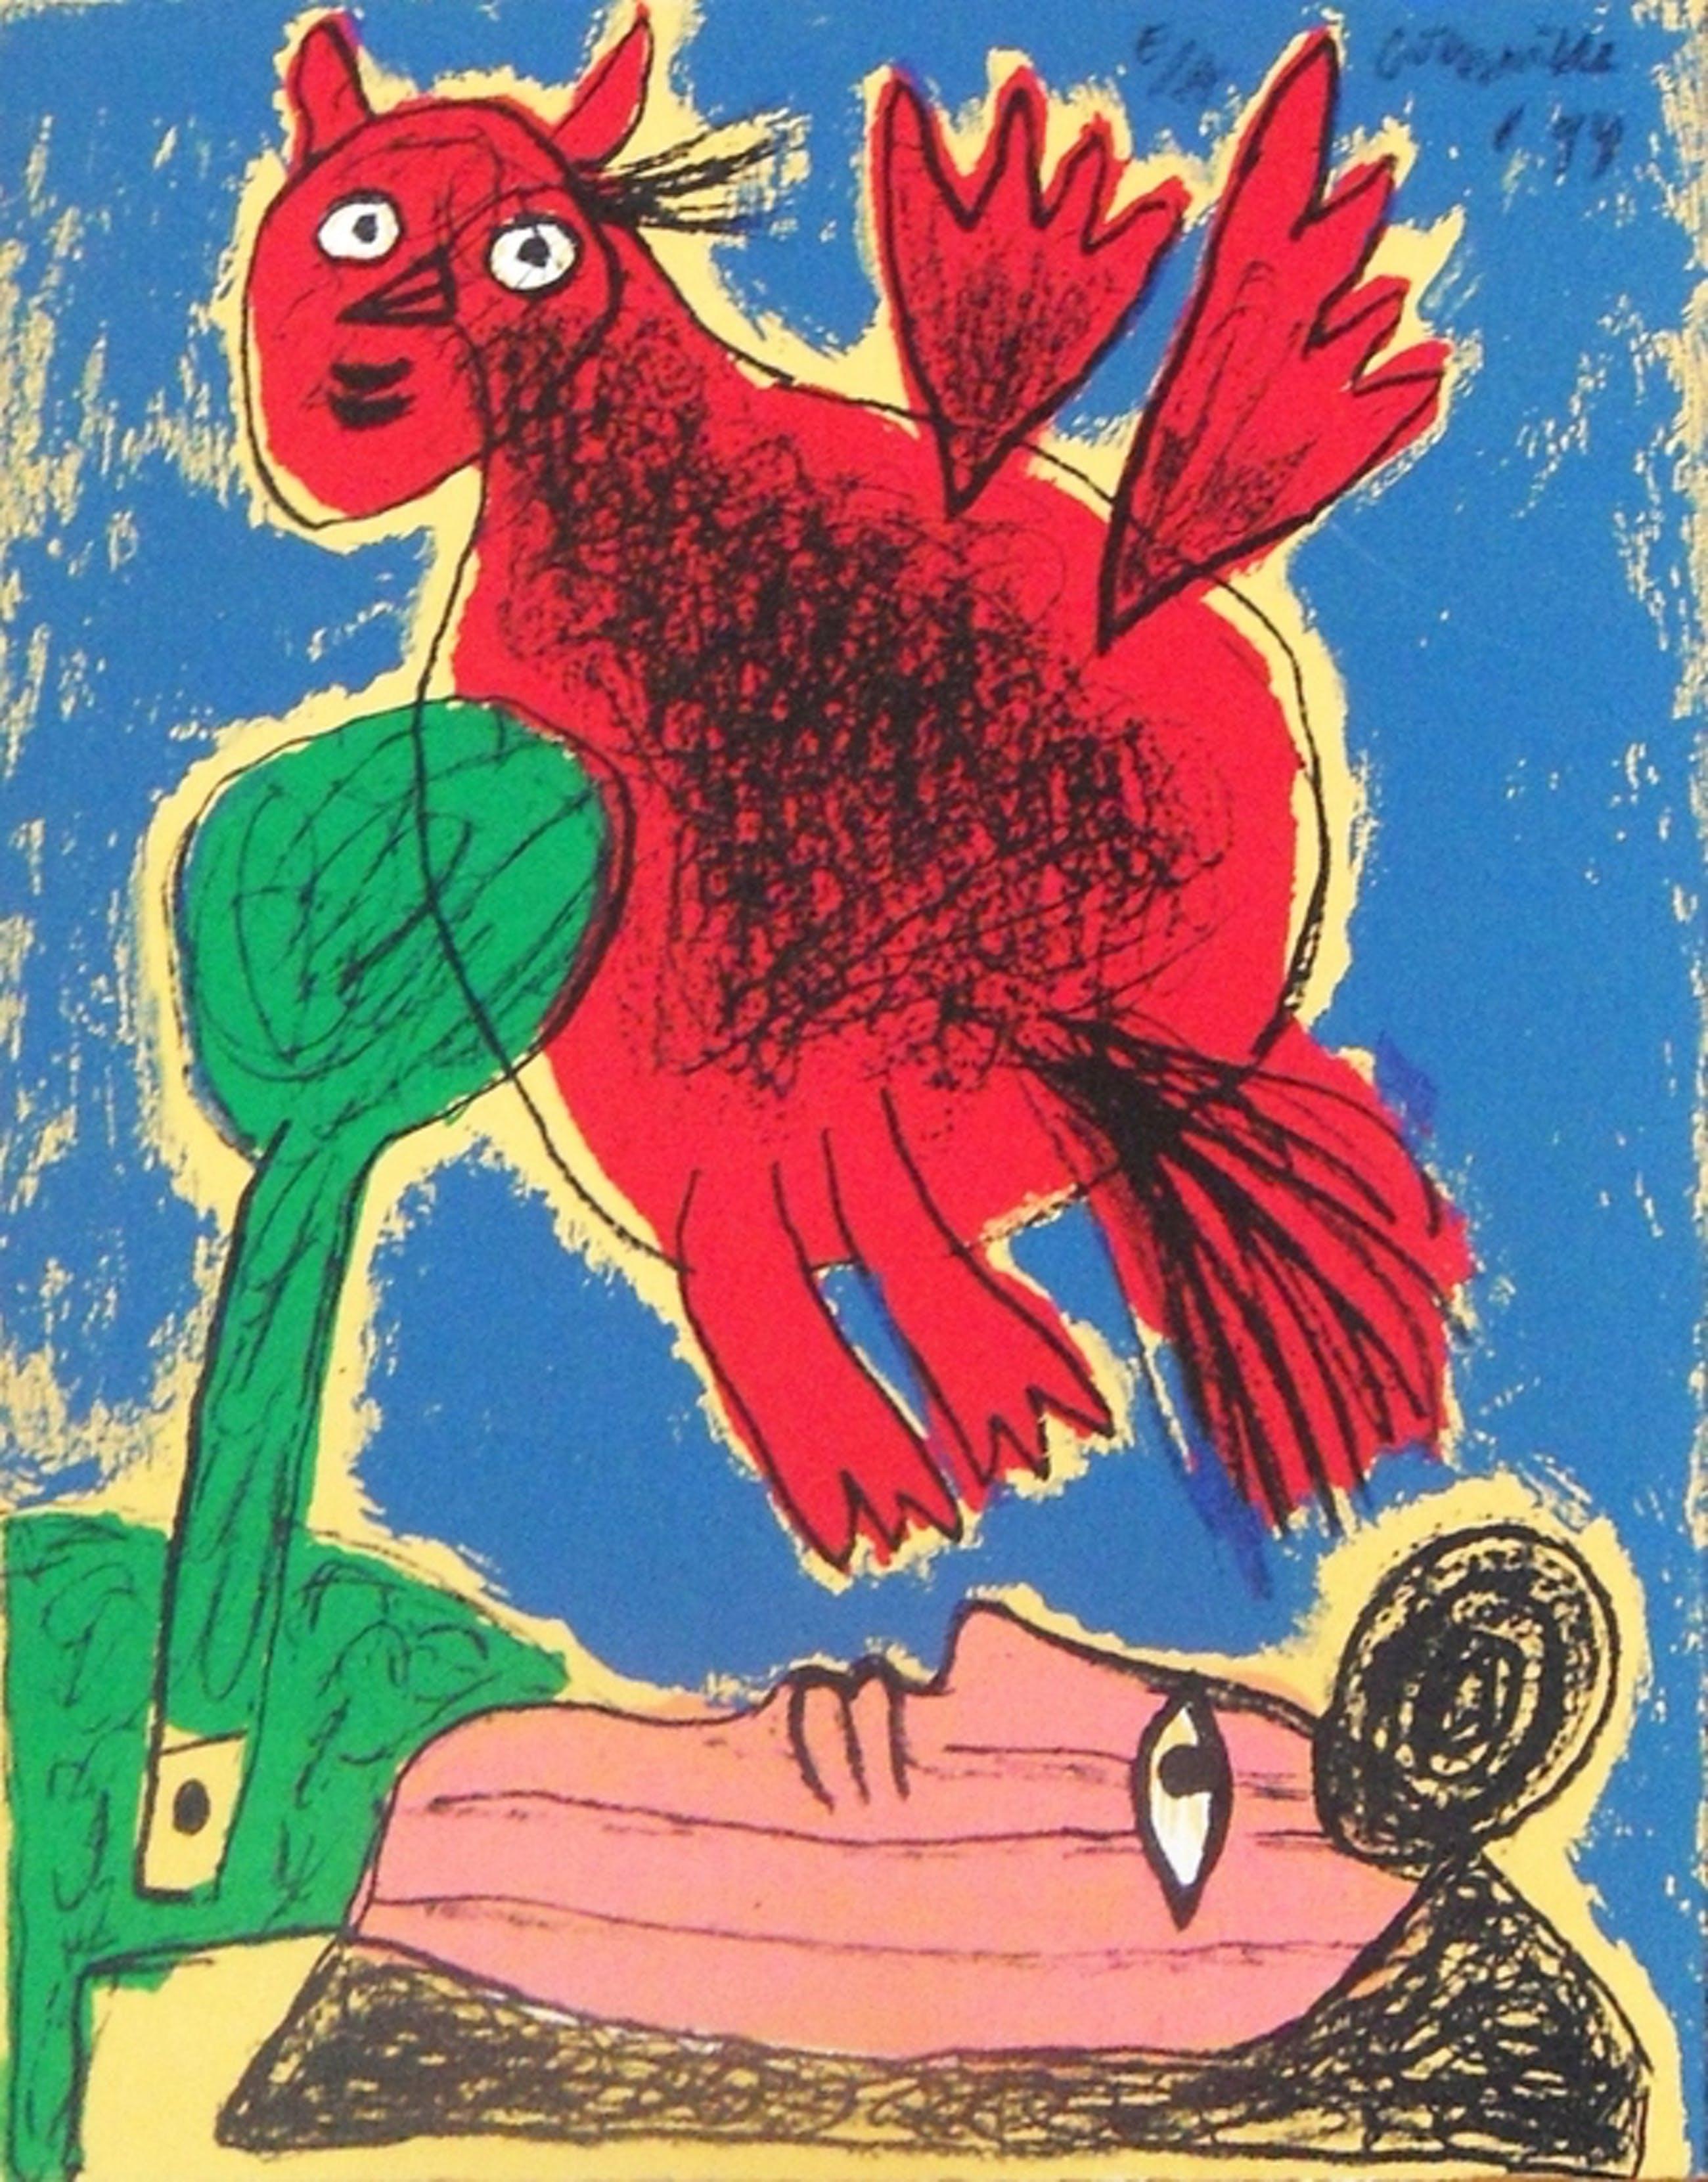 Corneille vrouw,boom en vogel lithografie uit 1994 kopen? Bied vanaf 87!